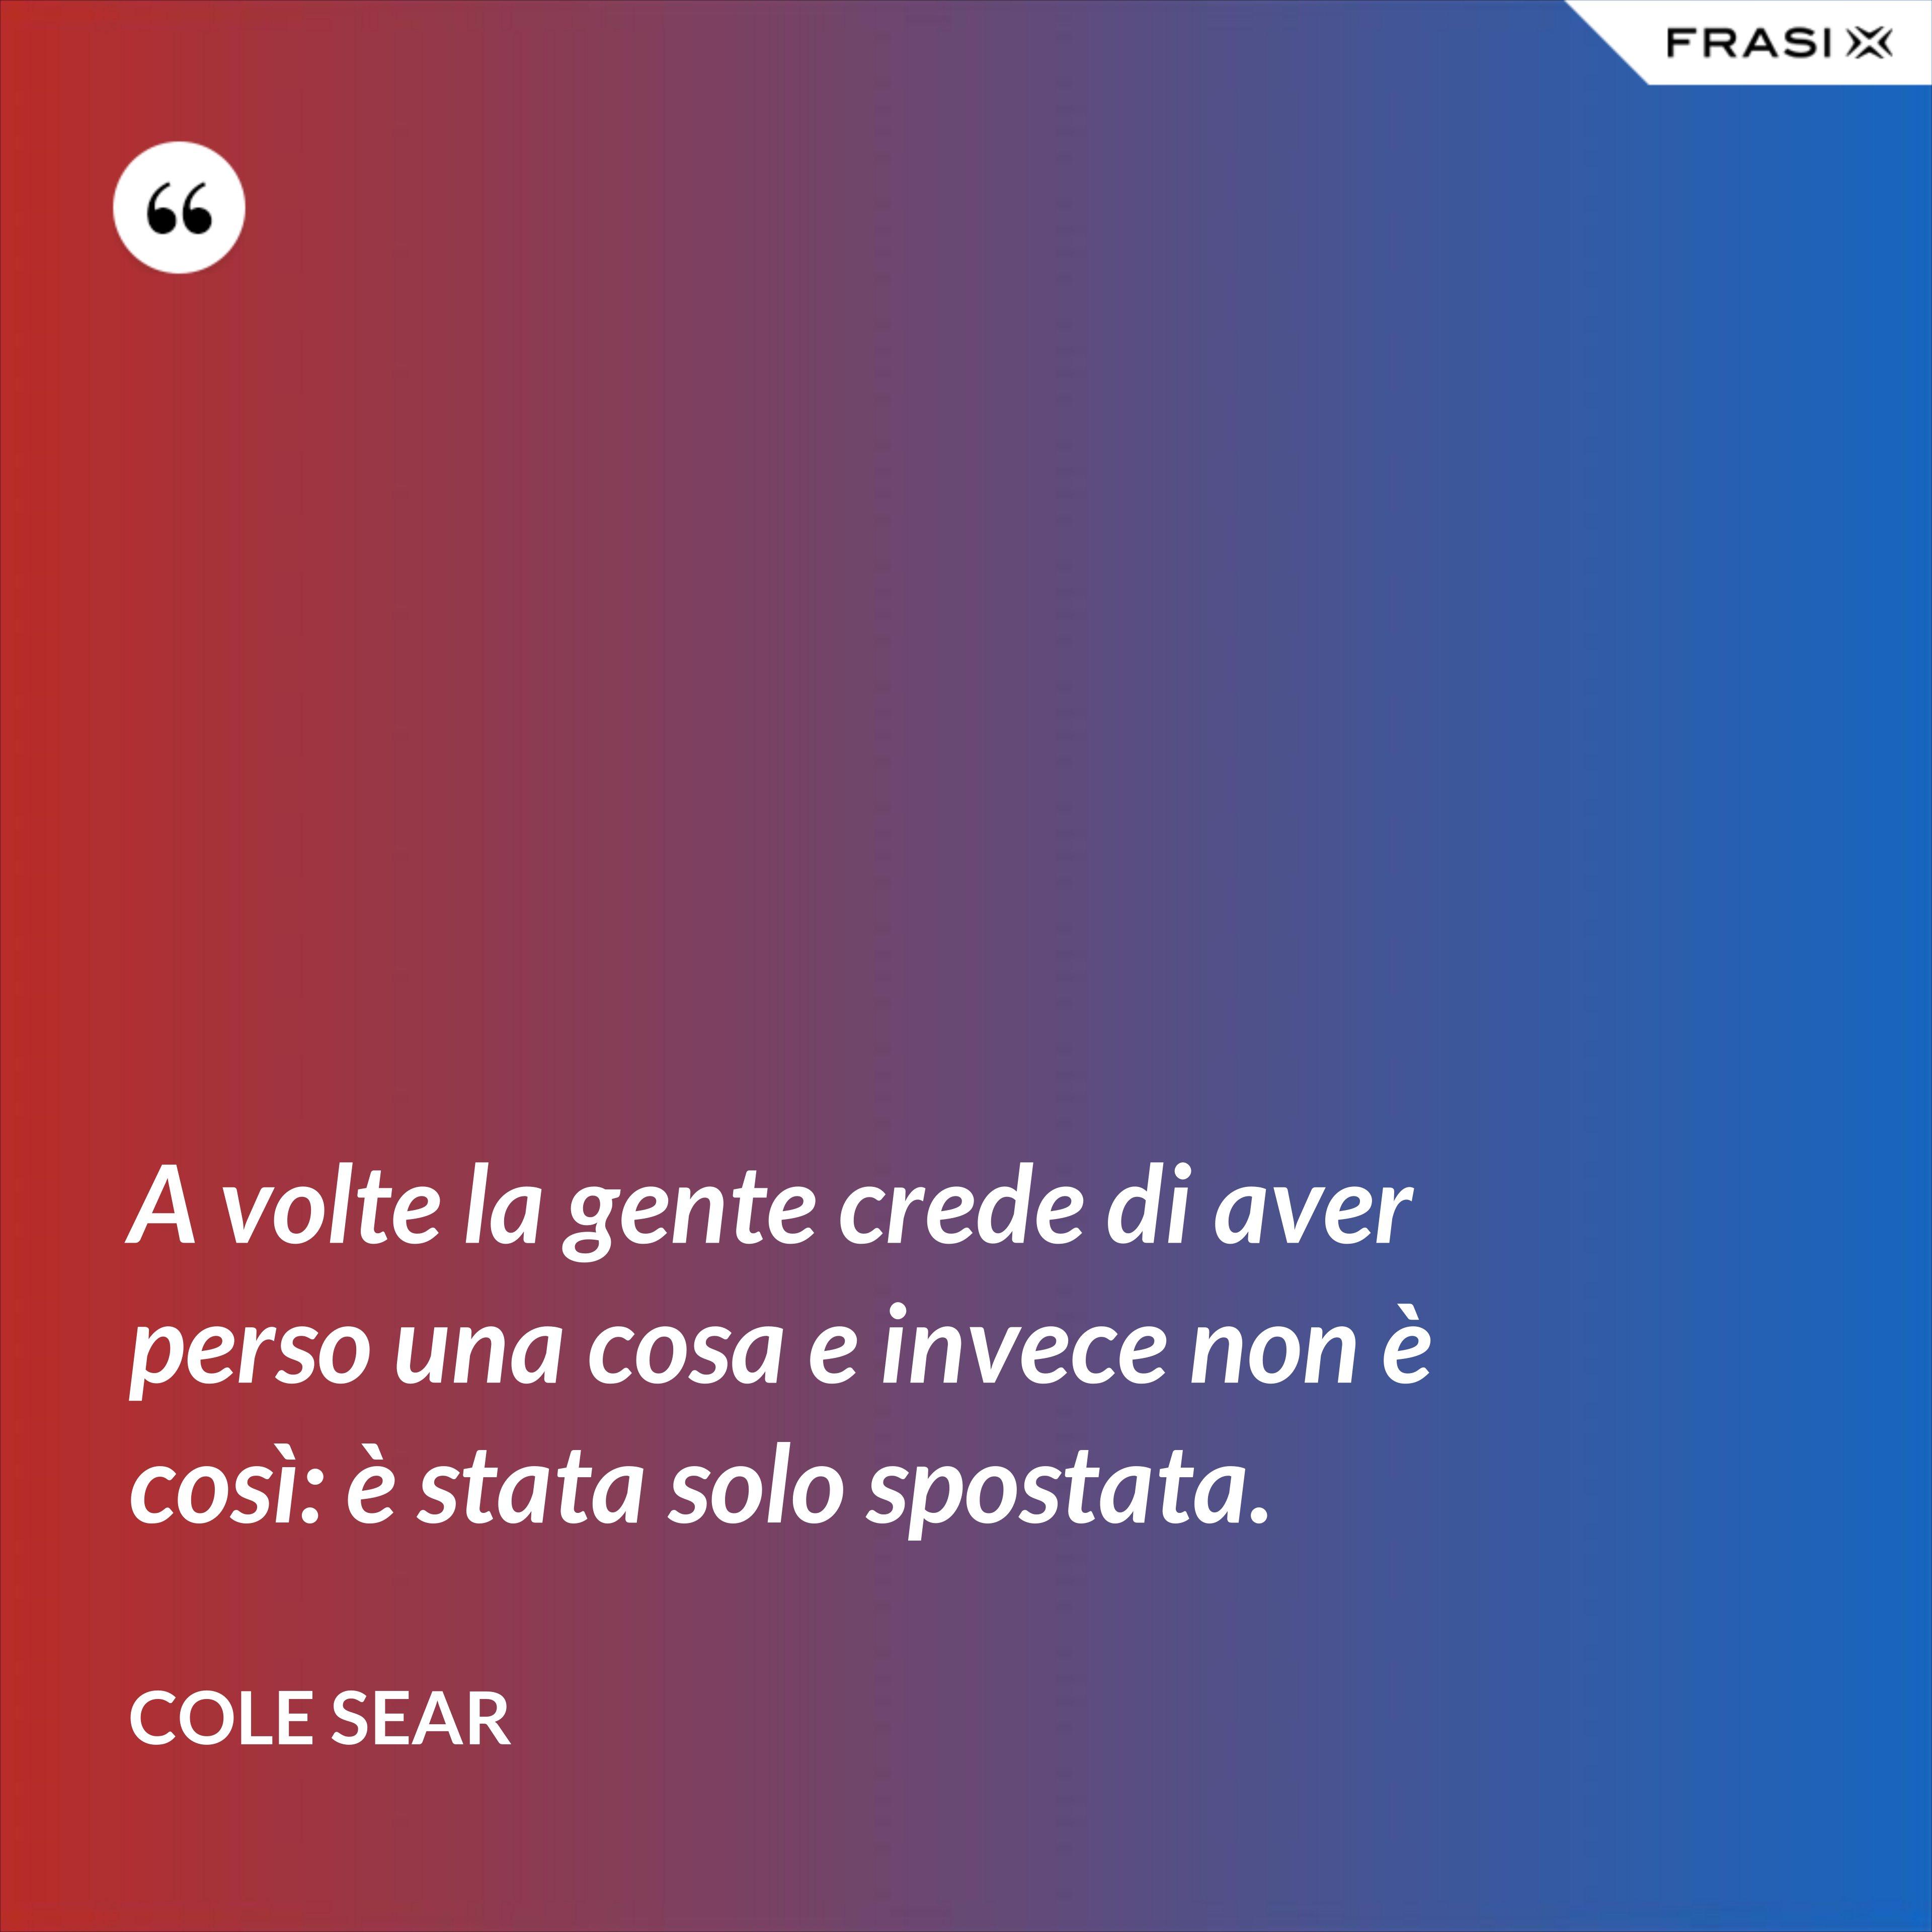 A volte la gente crede di aver perso una cosa e invece non è così: è stata solo spostata. - Cole Sear